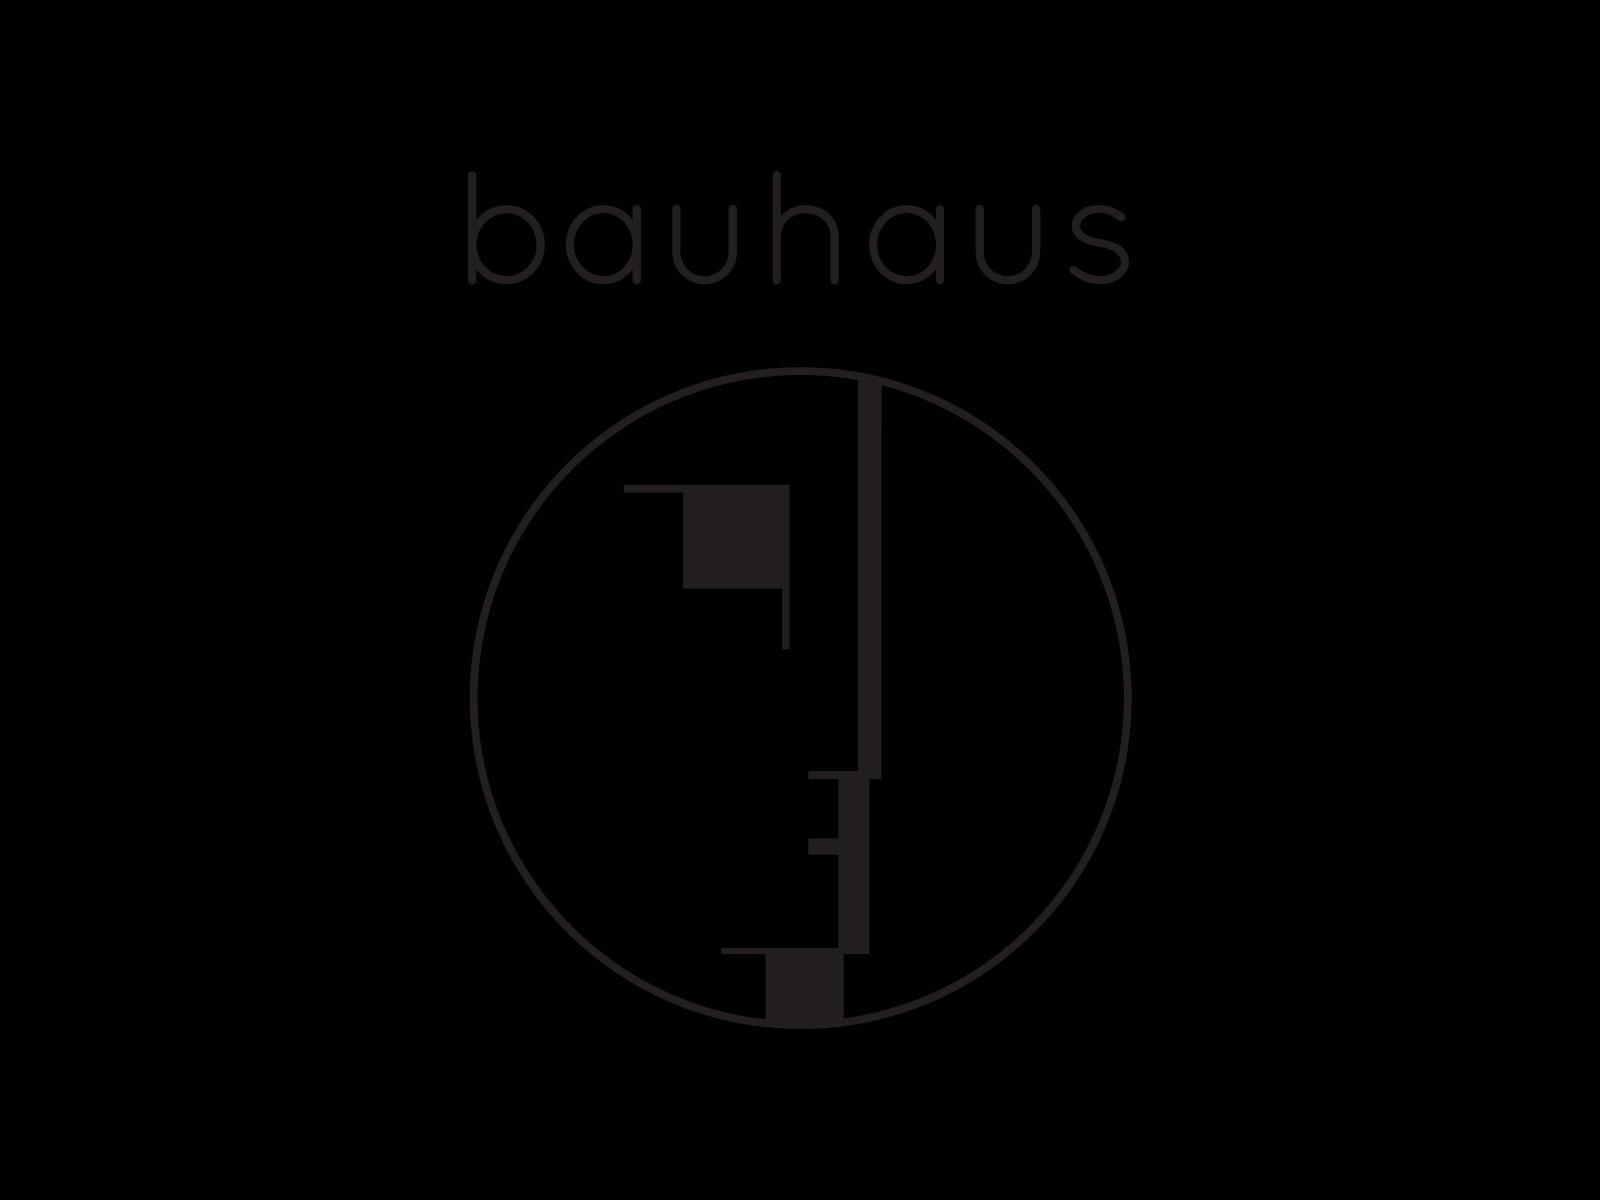 Bauhaus band logo